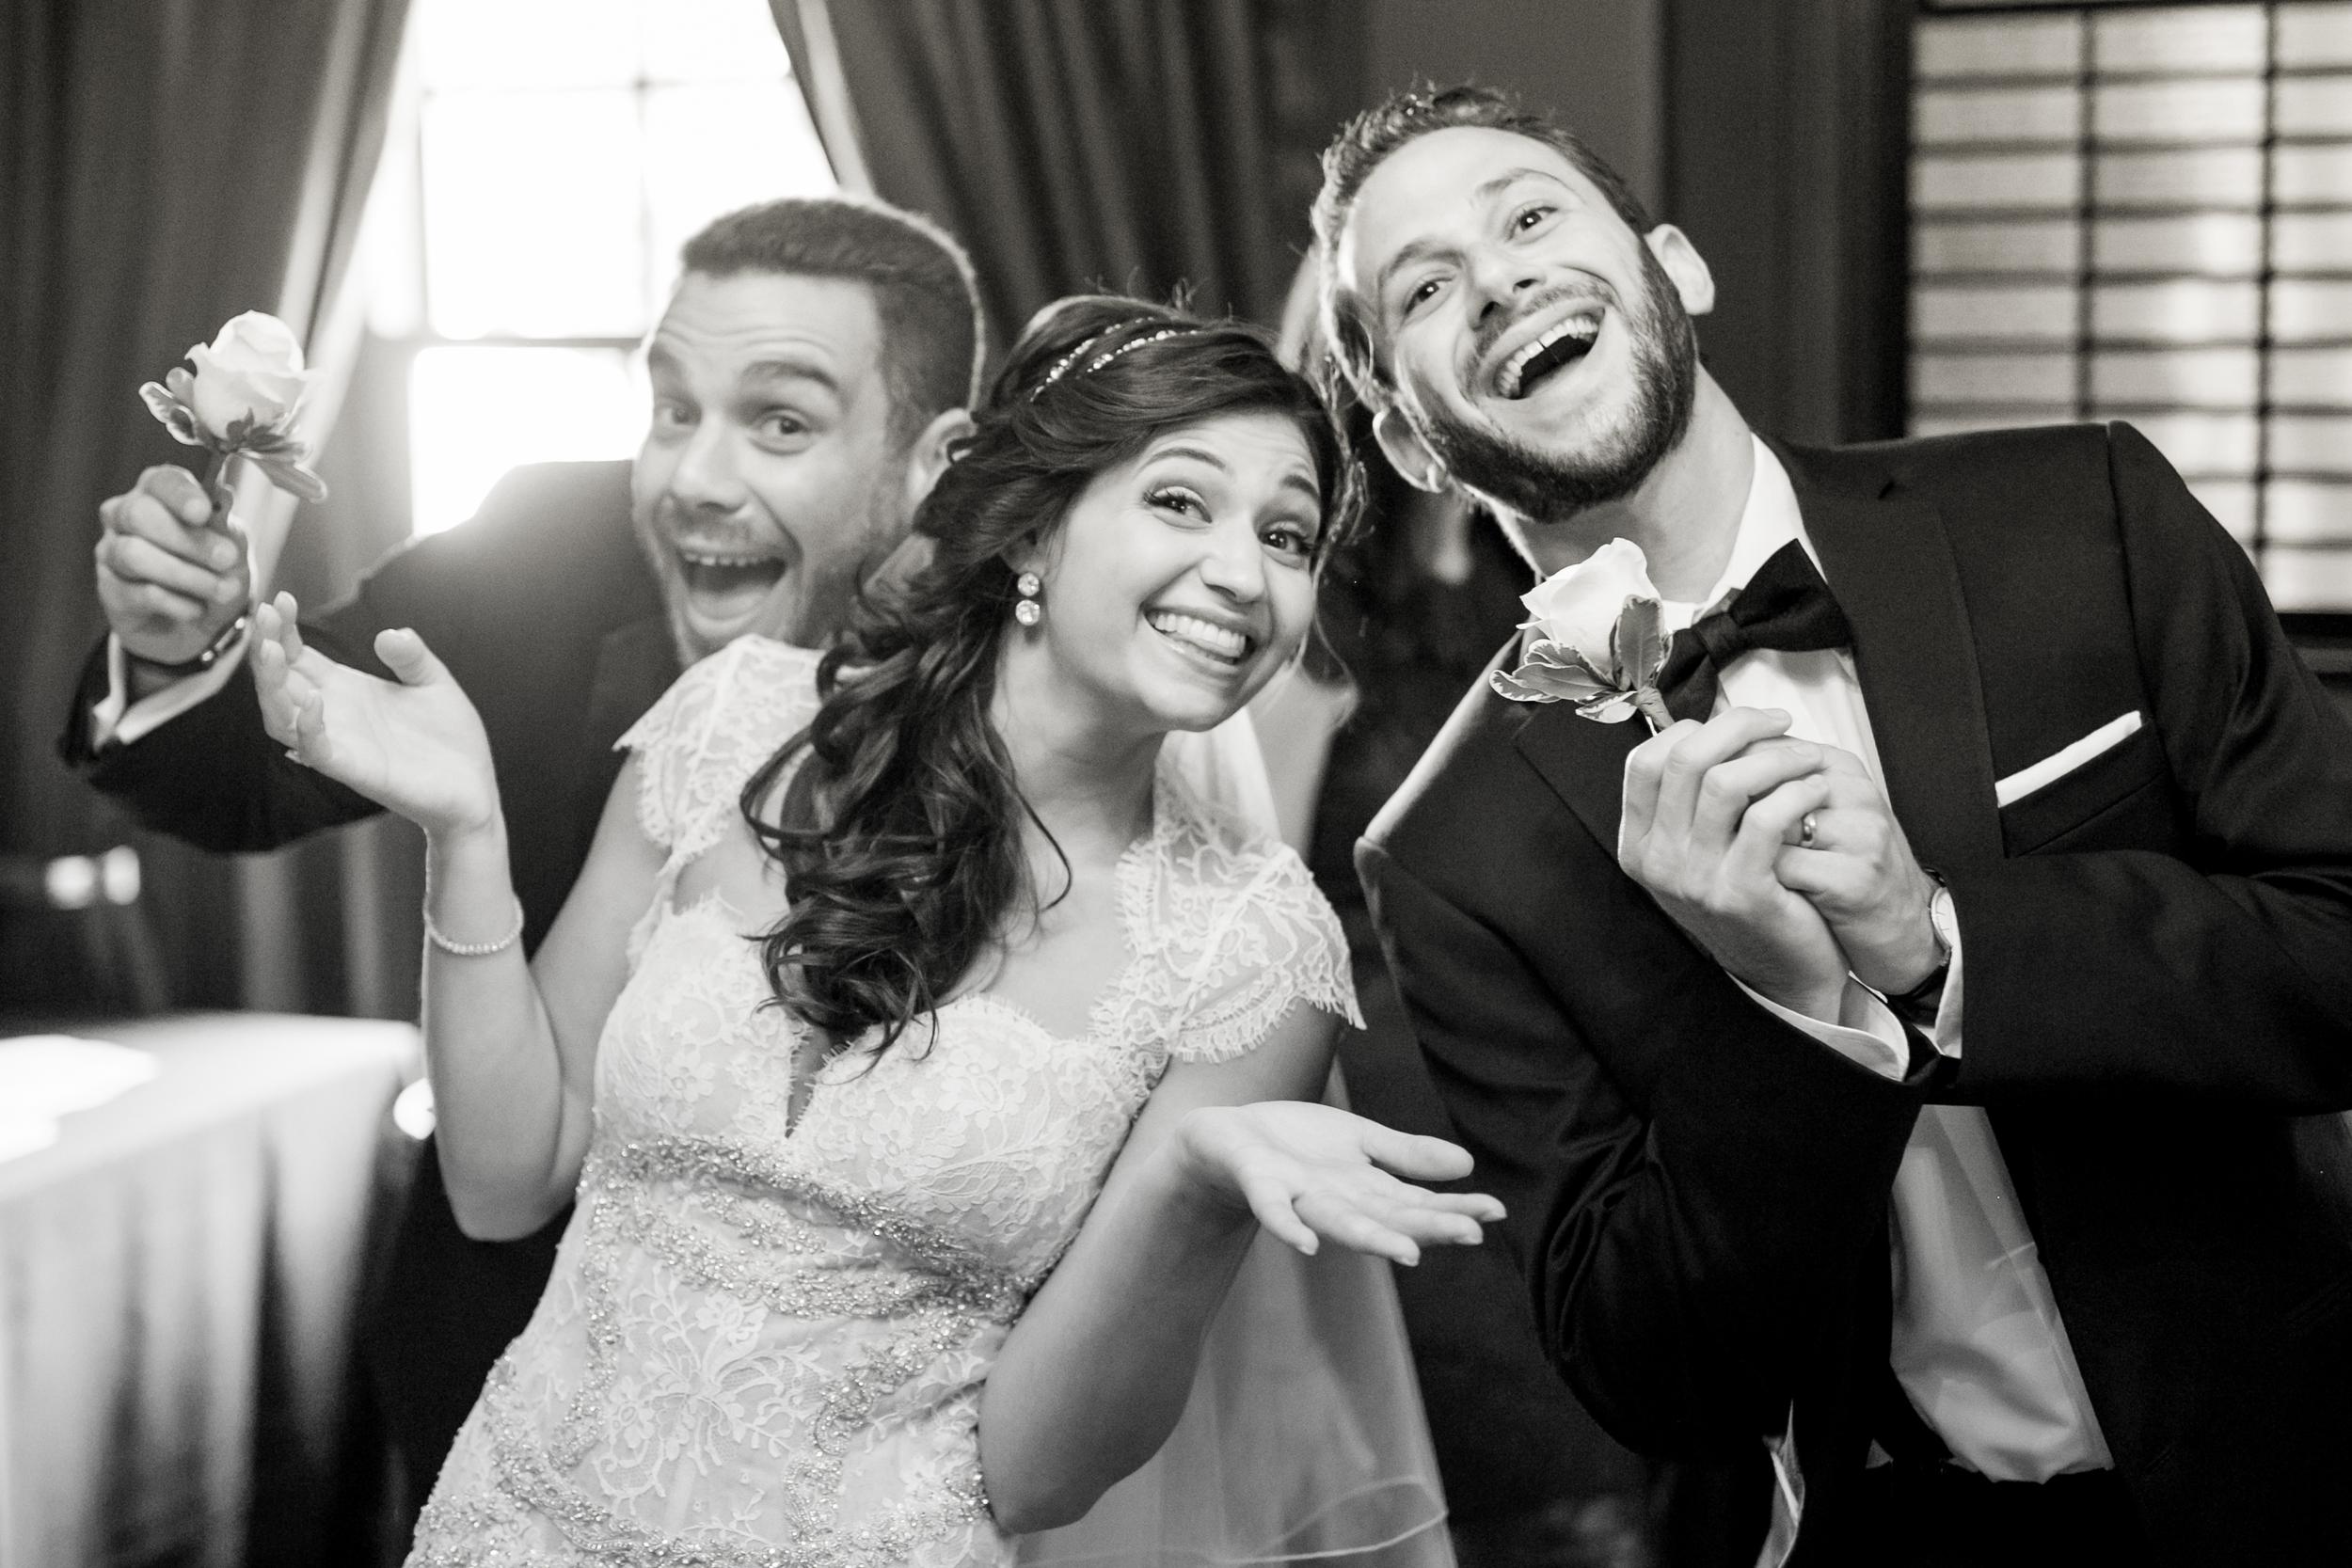 candid wedding photography 0005